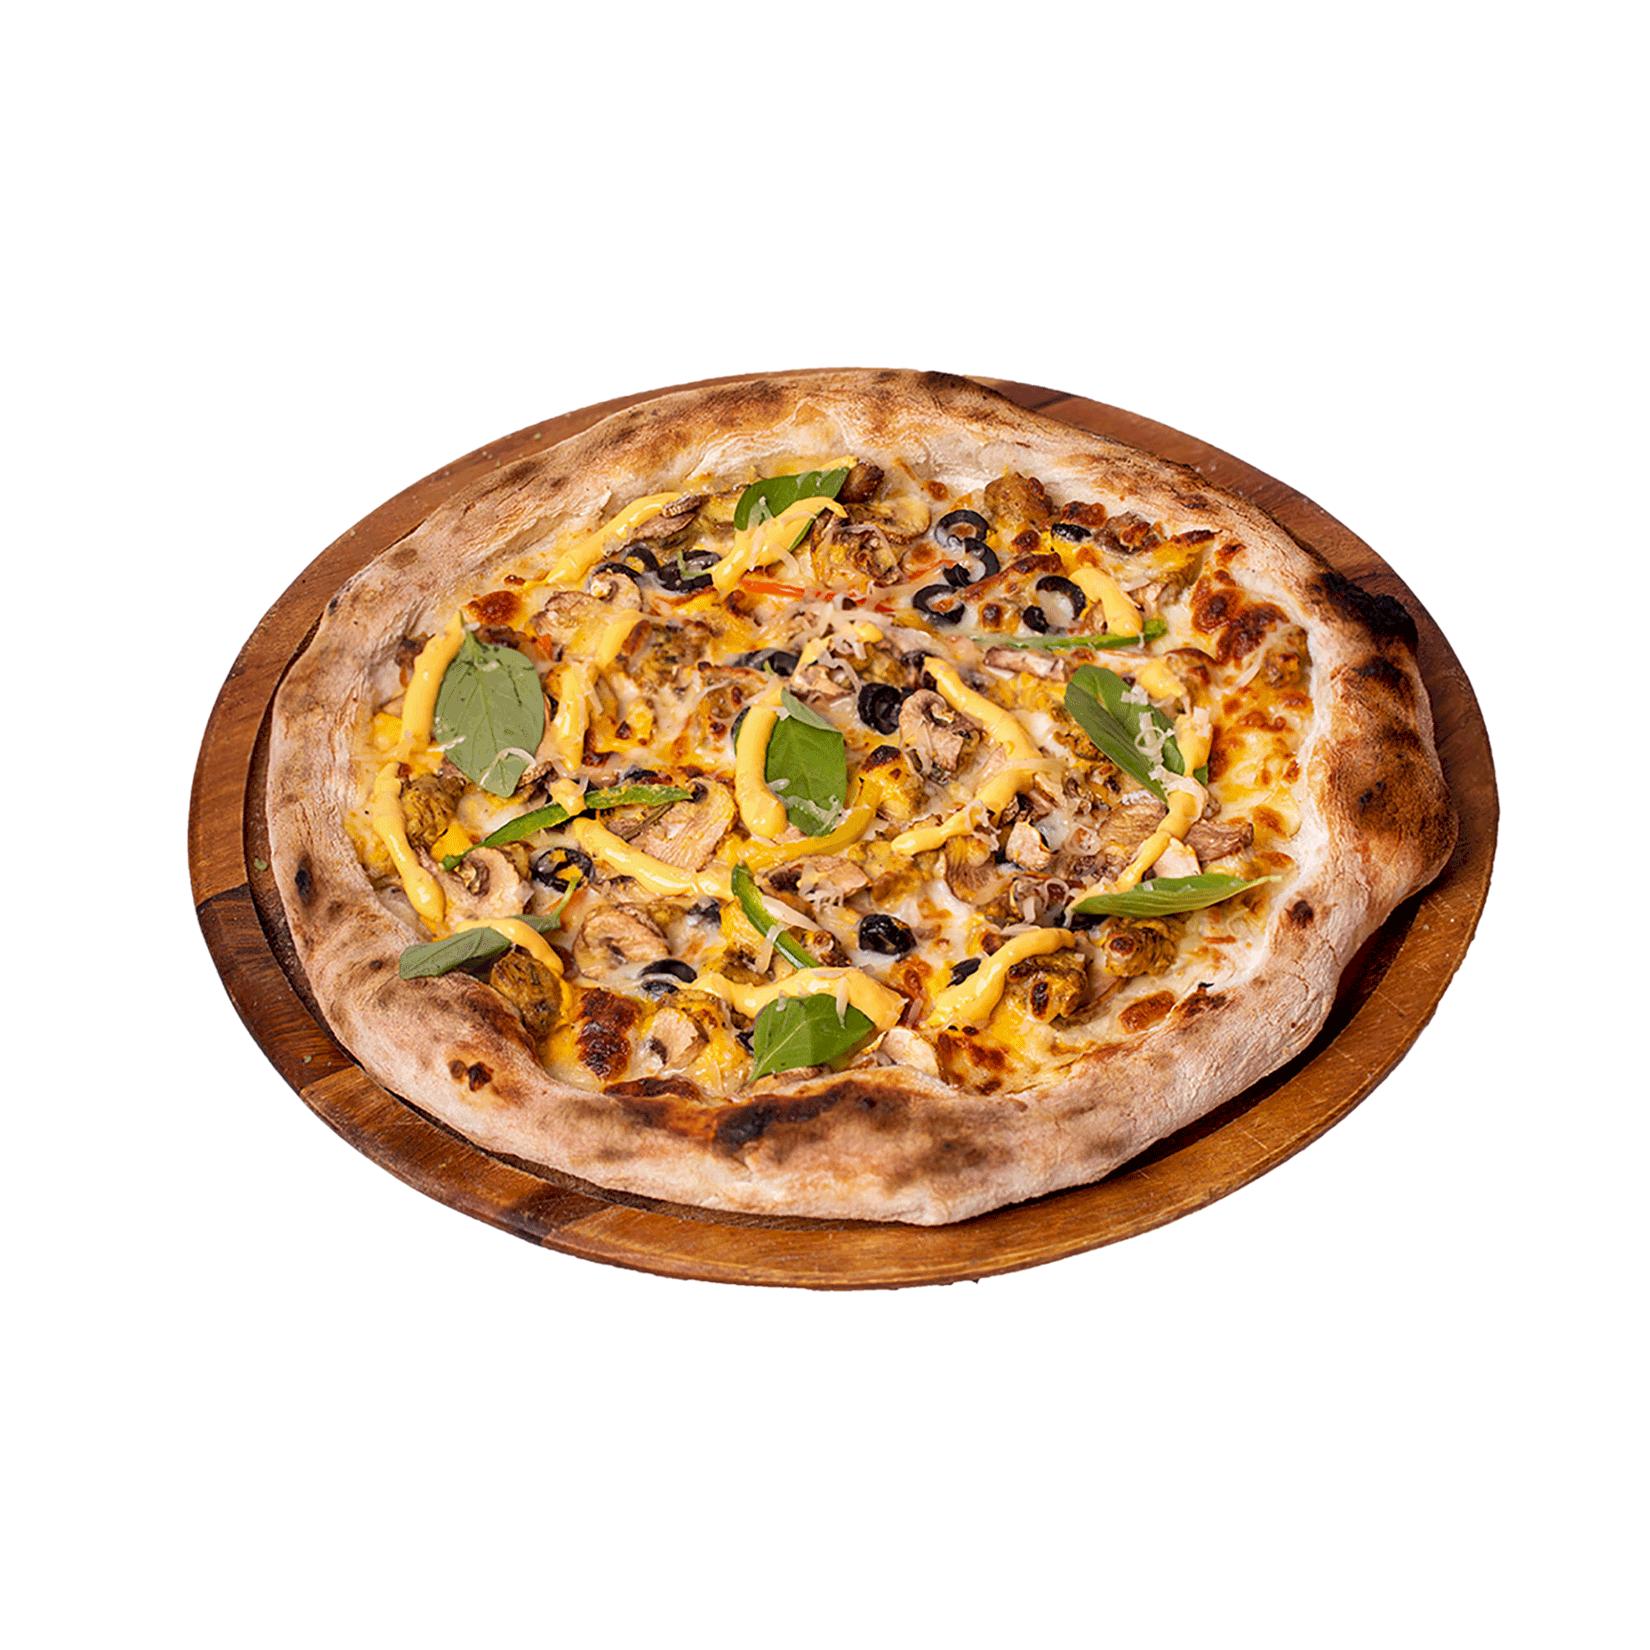 پیتزا ناپولی (مرغ و قارچ)